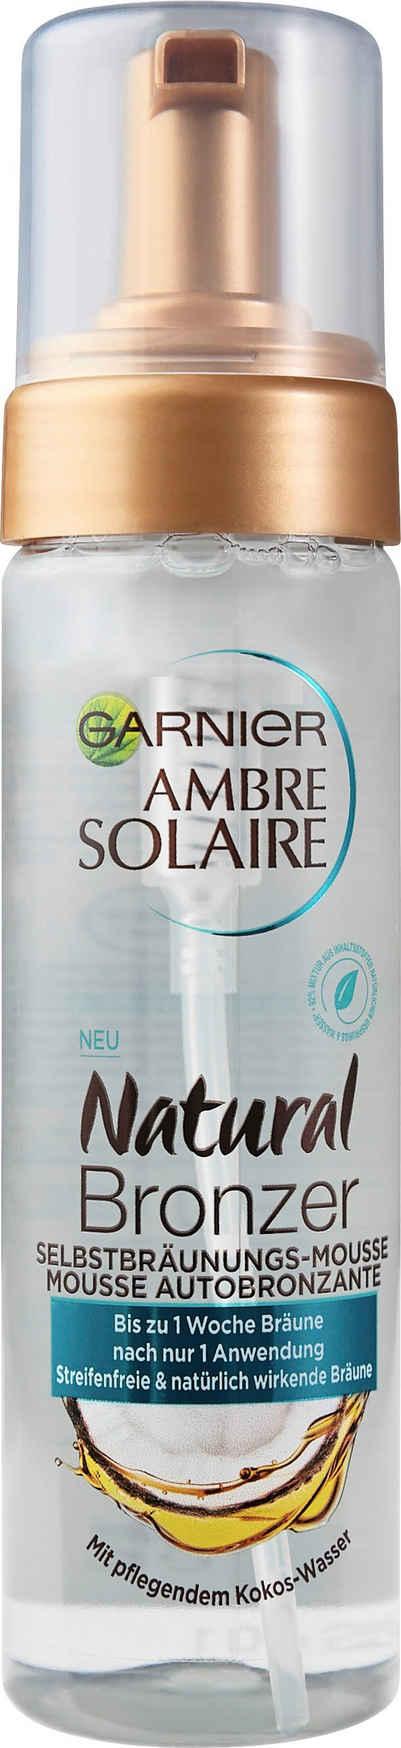 GARNIER Selbstbräunungsmousse »Ambre Solaire Natural Bronzer«, mit pflegendem Kokoswasser